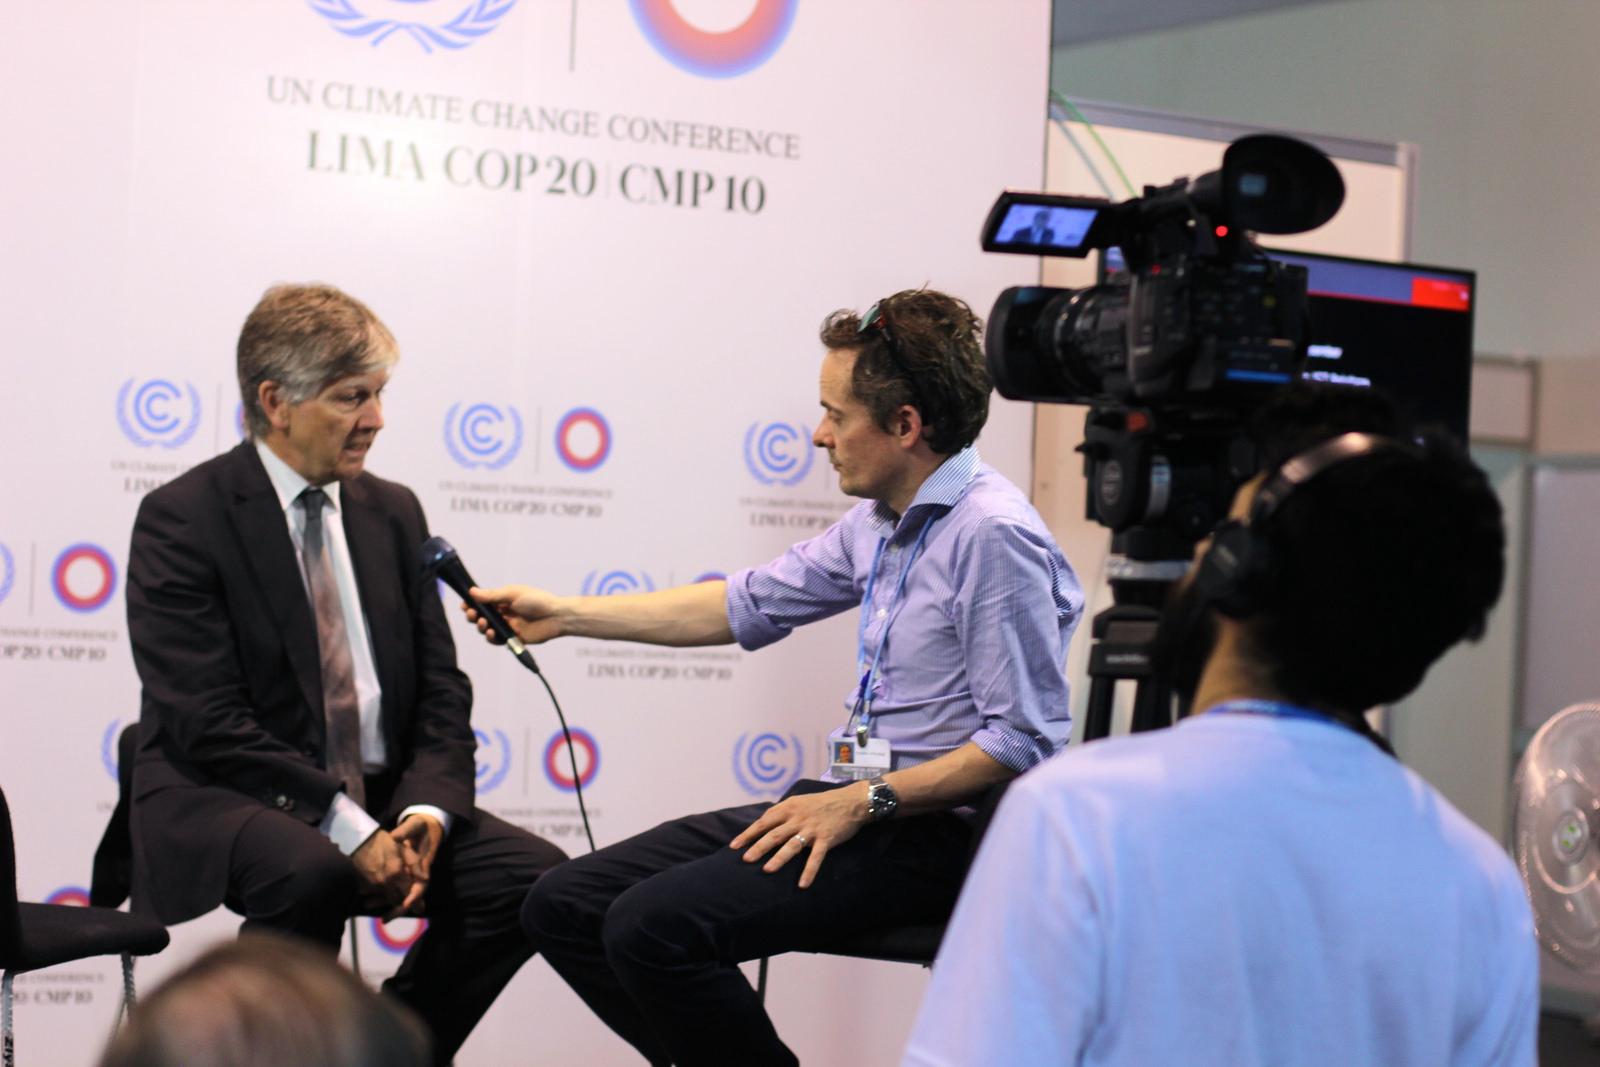 La Suisse Et La Norvège Appellent à Des Engagements Pour Des Mesures D'adaptation